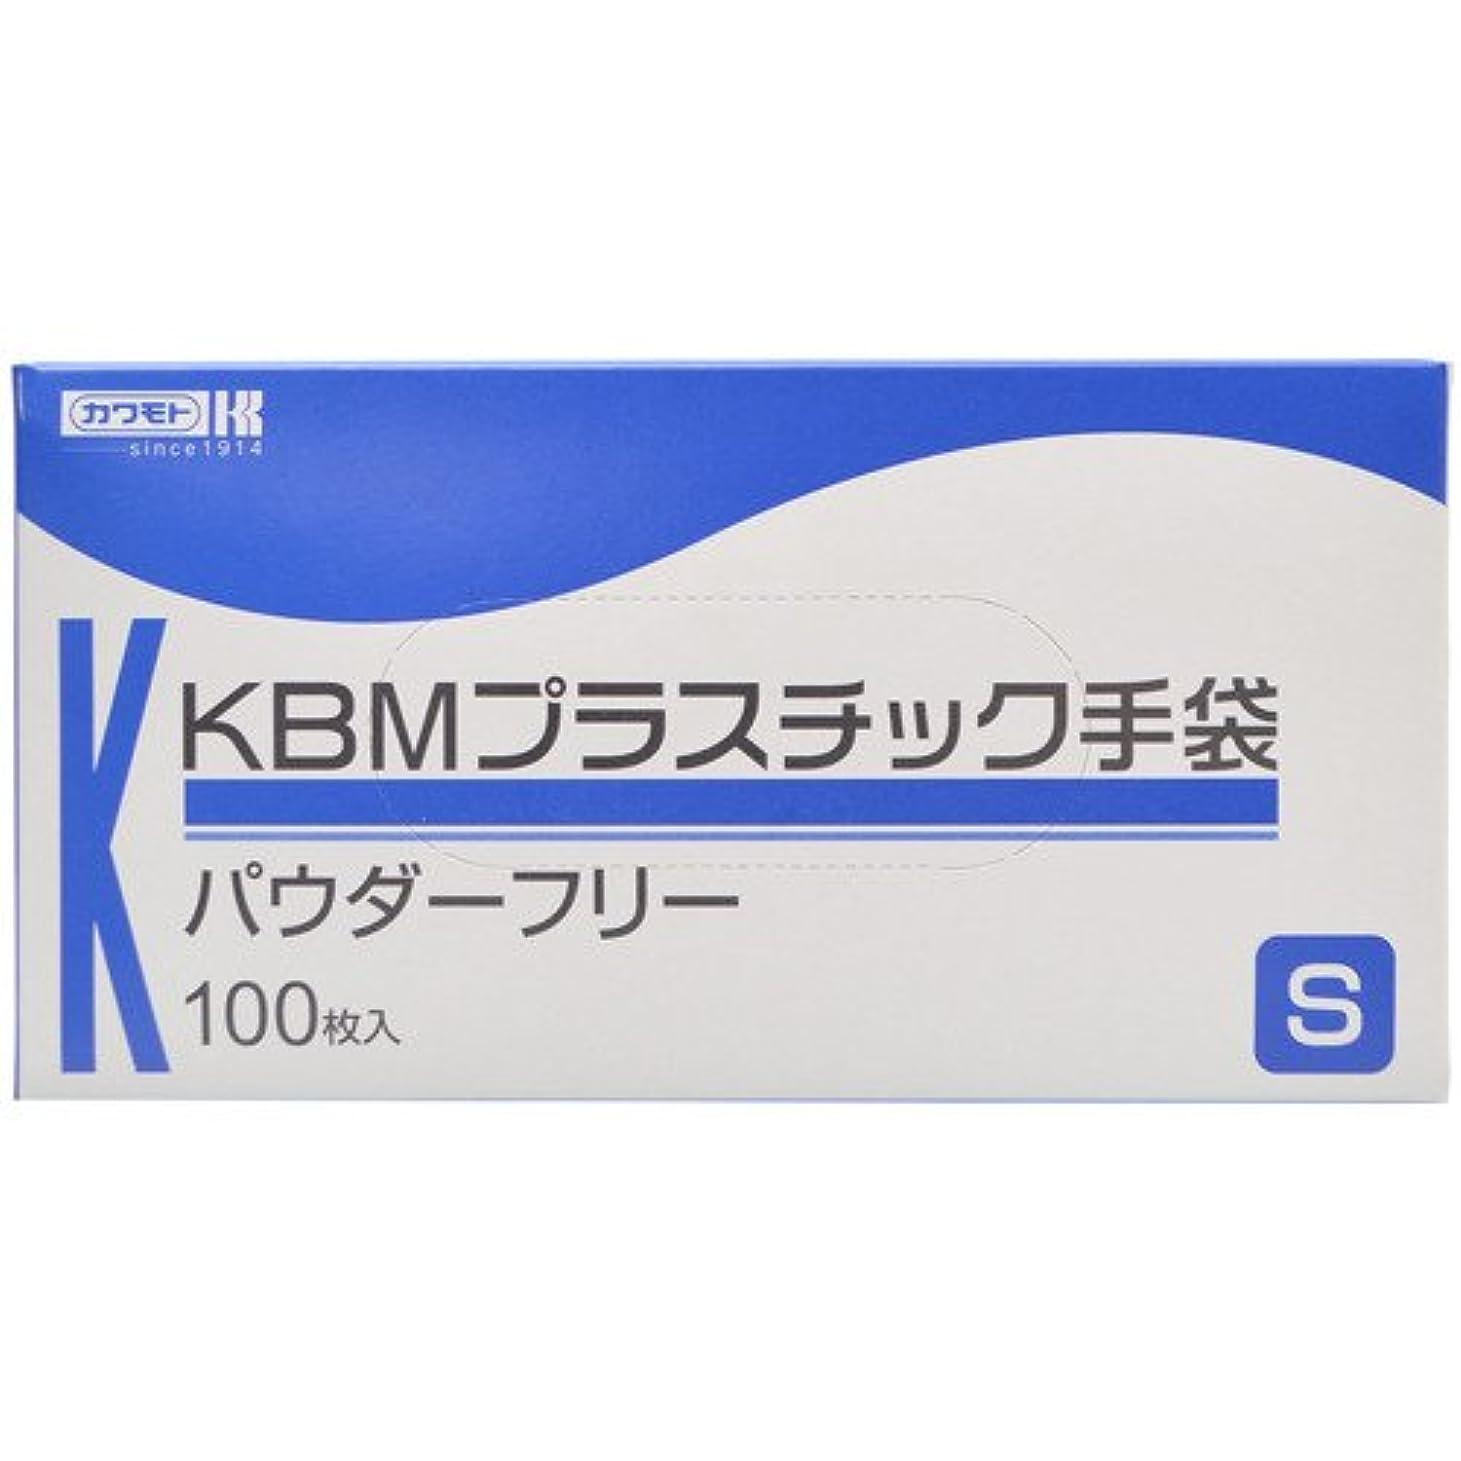 戻る結核孤児KBM プラスチック手袋パウダーフリー Sサイズ100枚